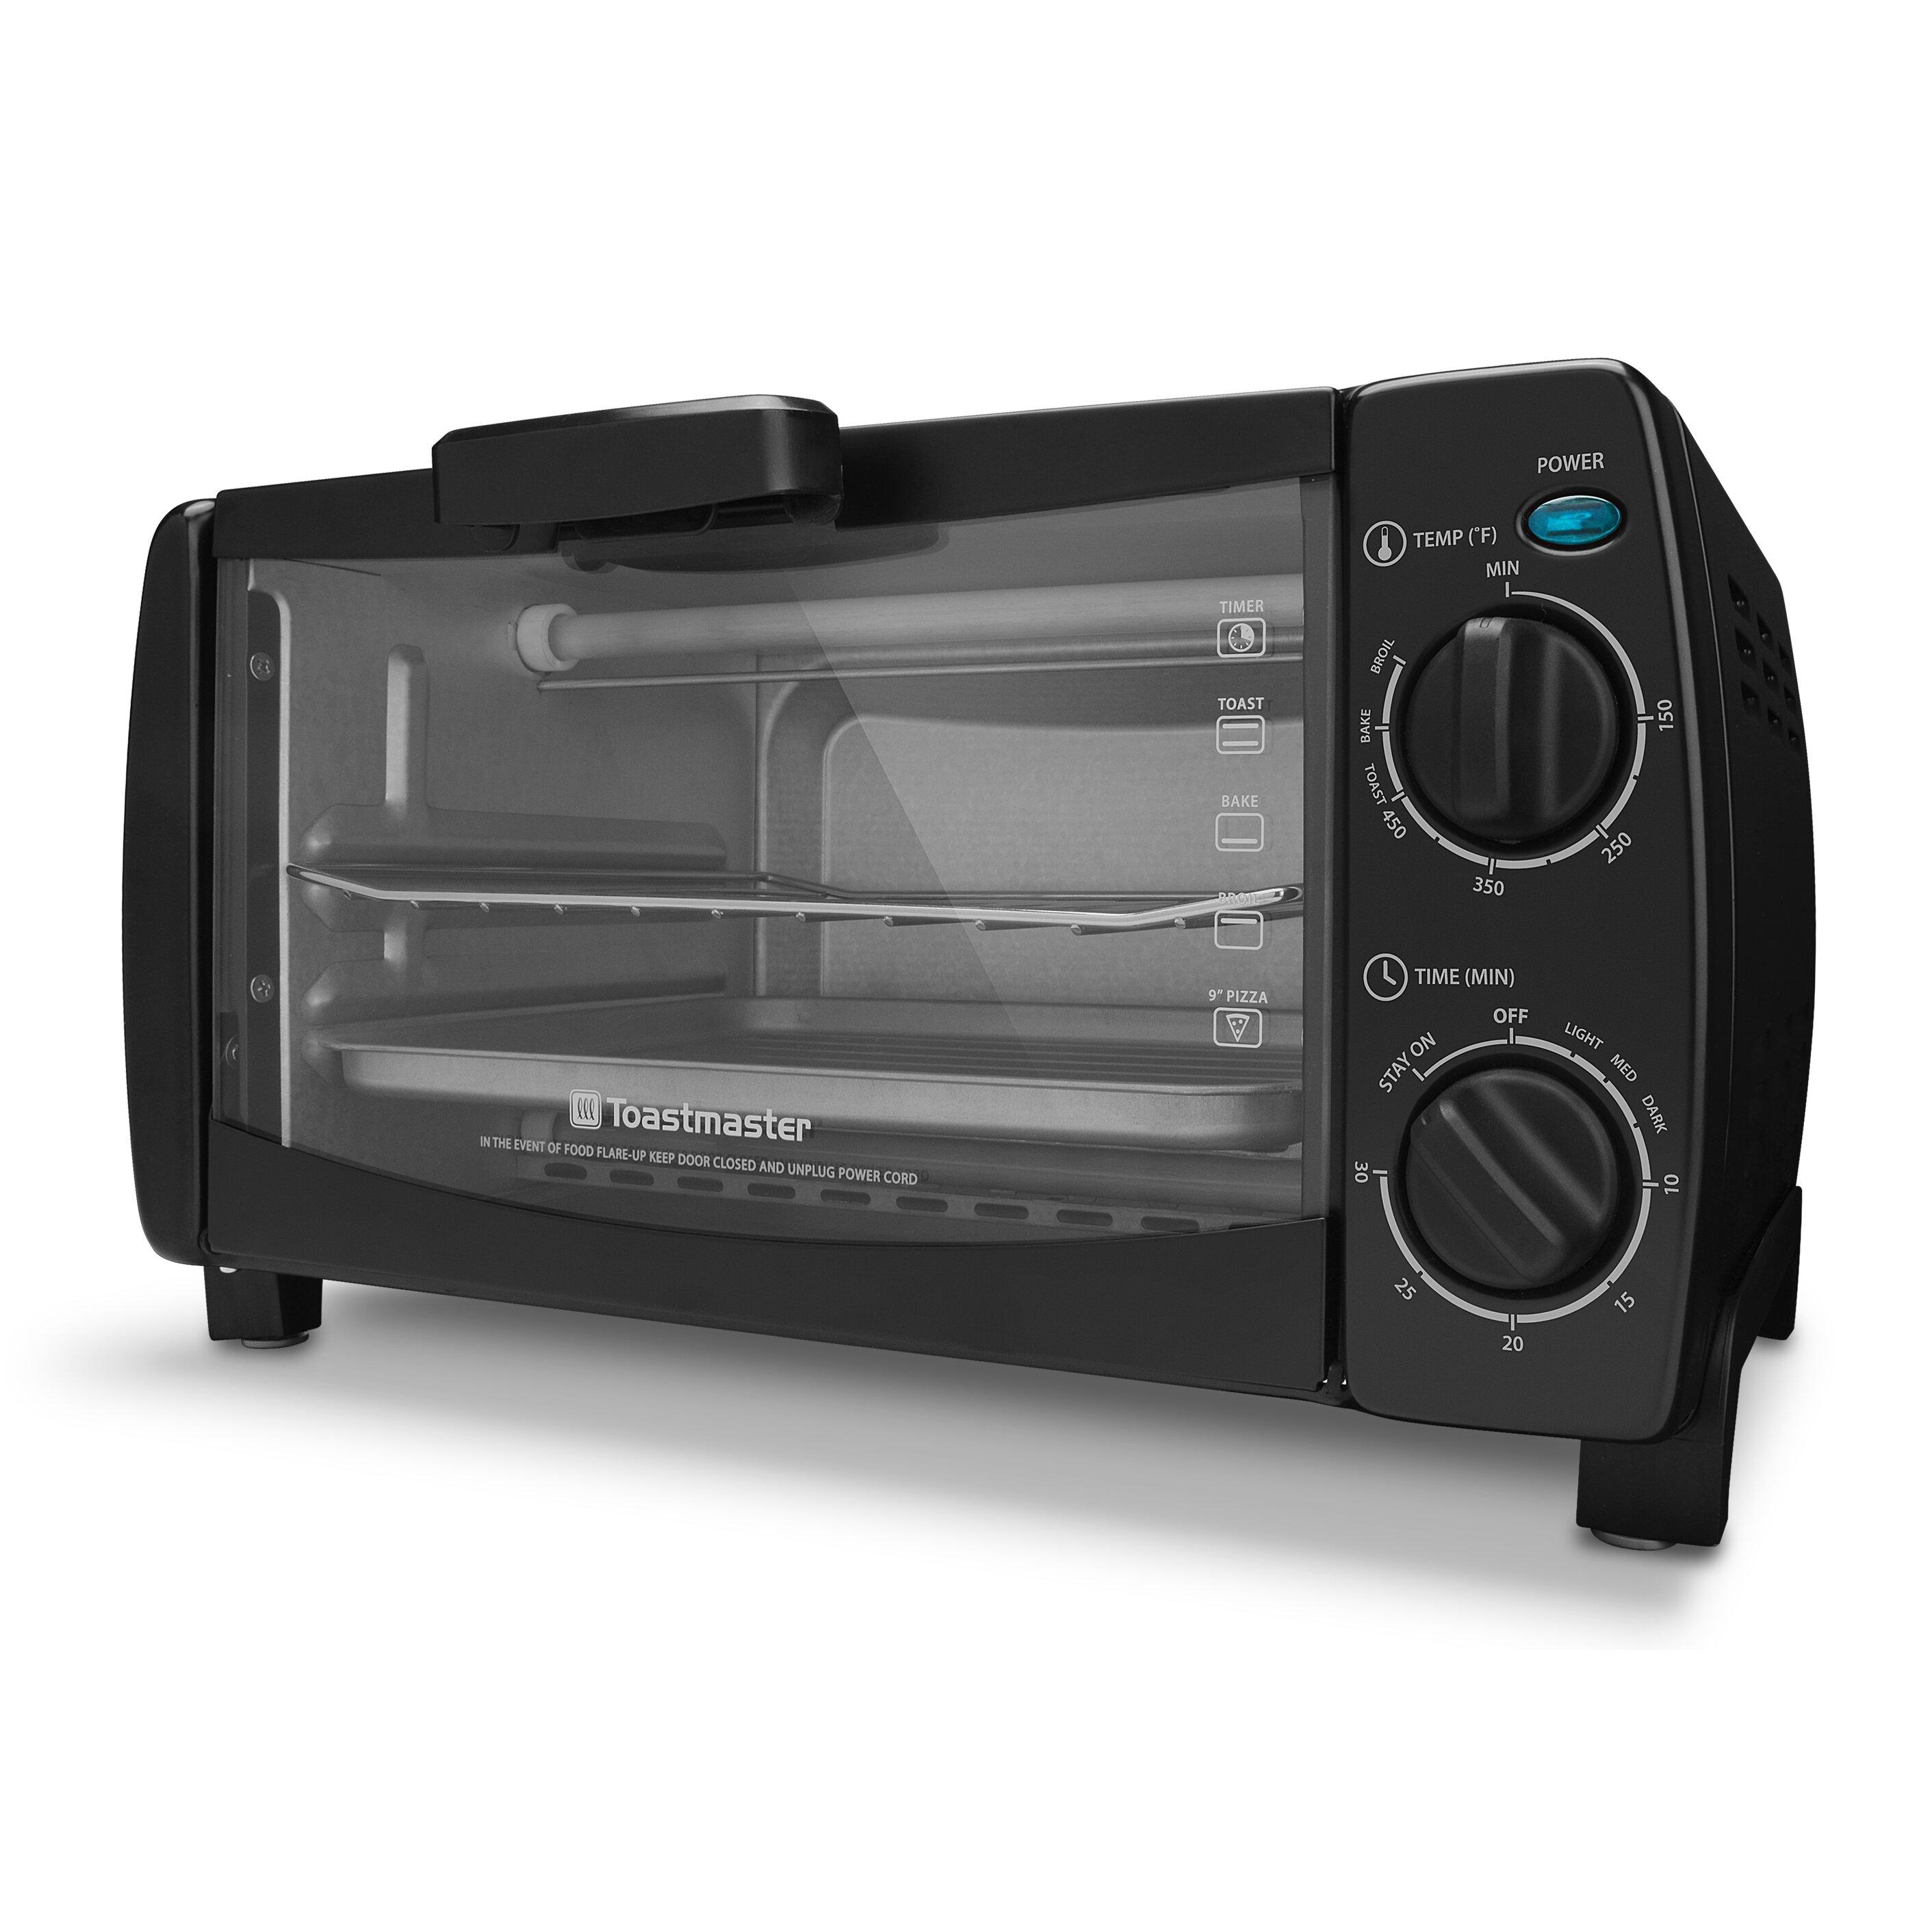 Basic French Toast Recipe Toastmaster Toaster Oven Toastmaster Toaster Oven  & Reviews Wayfair Easy